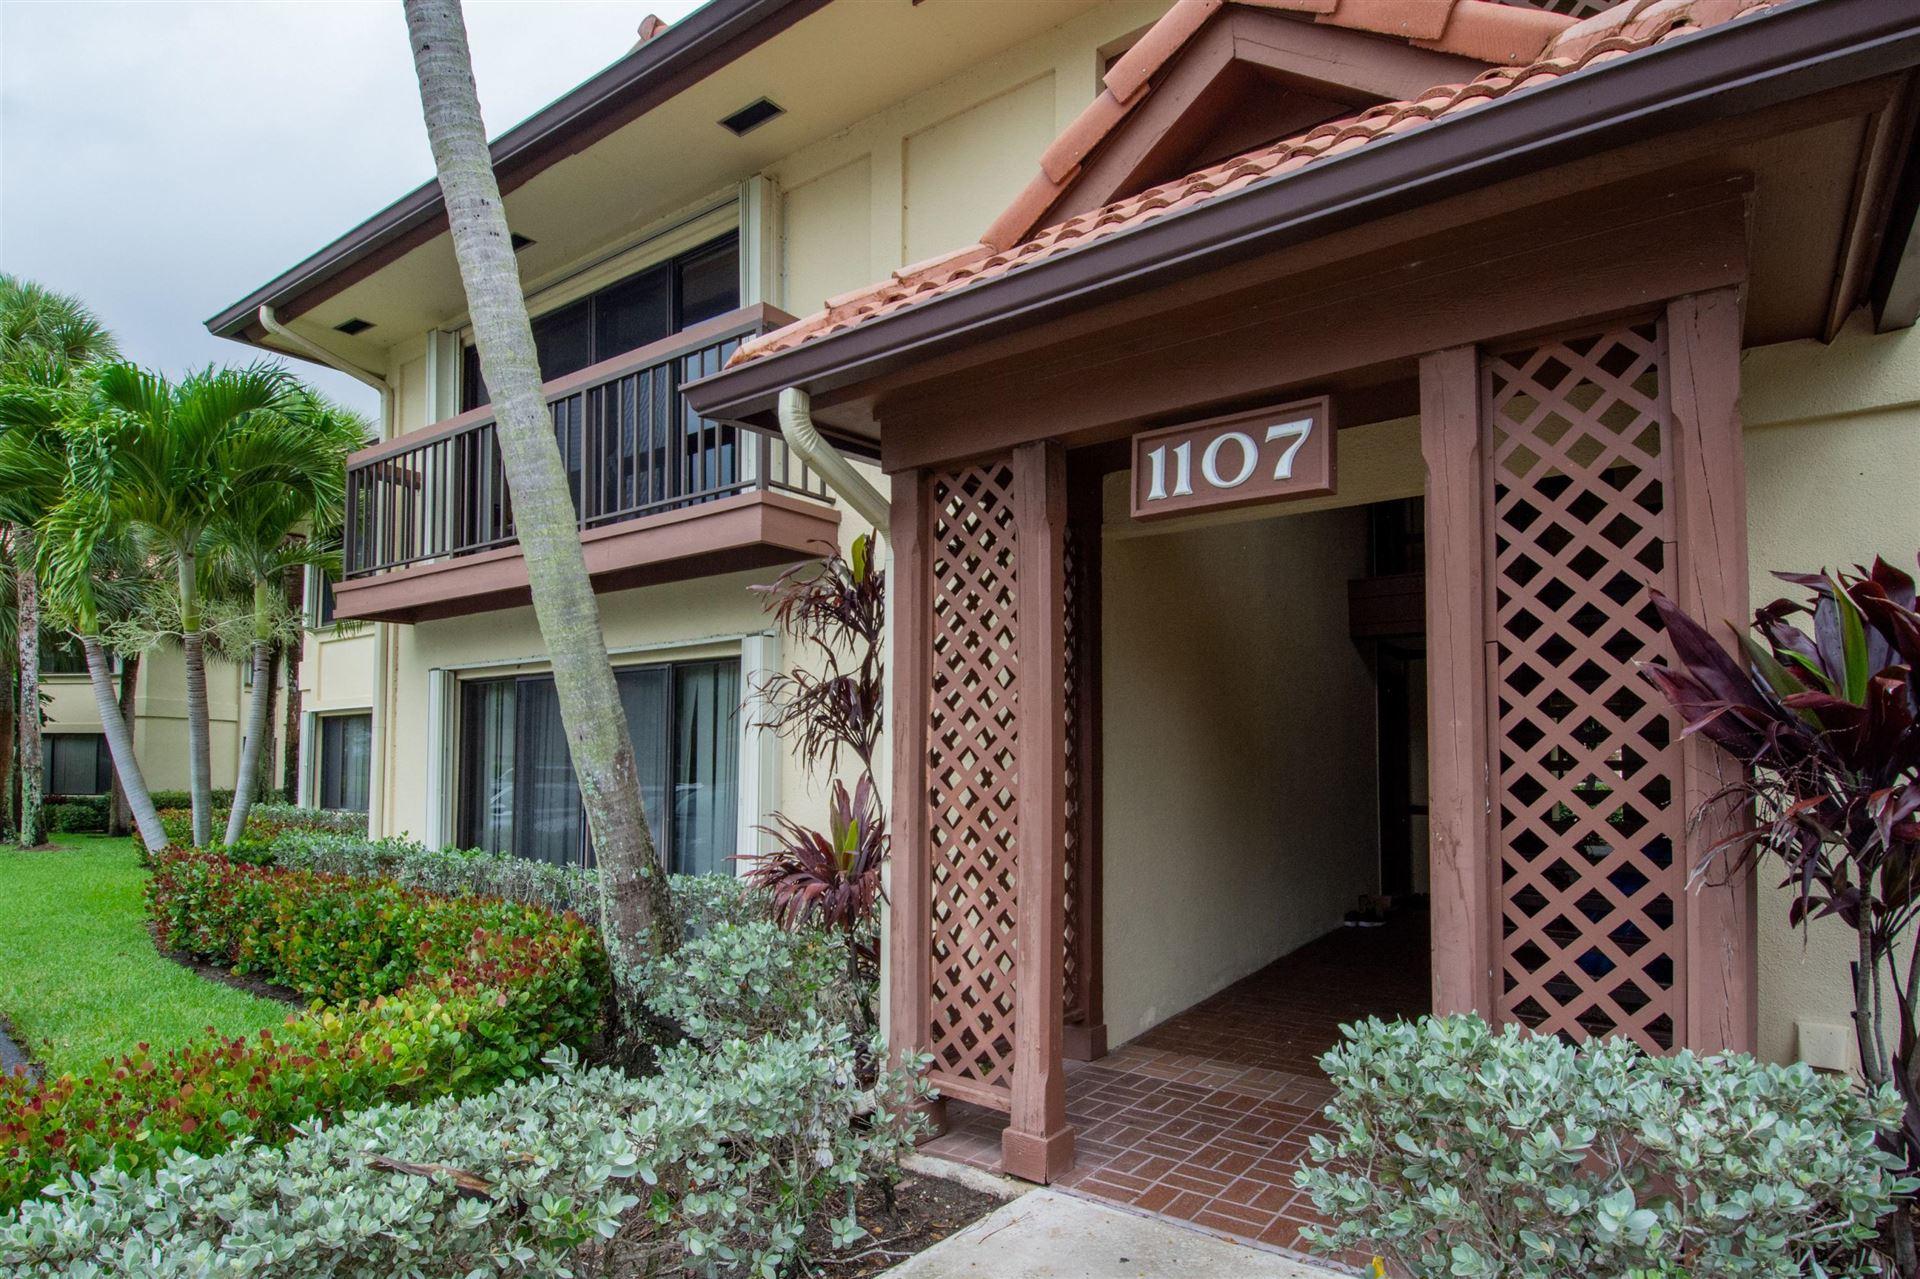 Photo of 1107 Duncan Circle #102, Palm Beach Gardens, FL 33418 (MLS # RX-10627276)